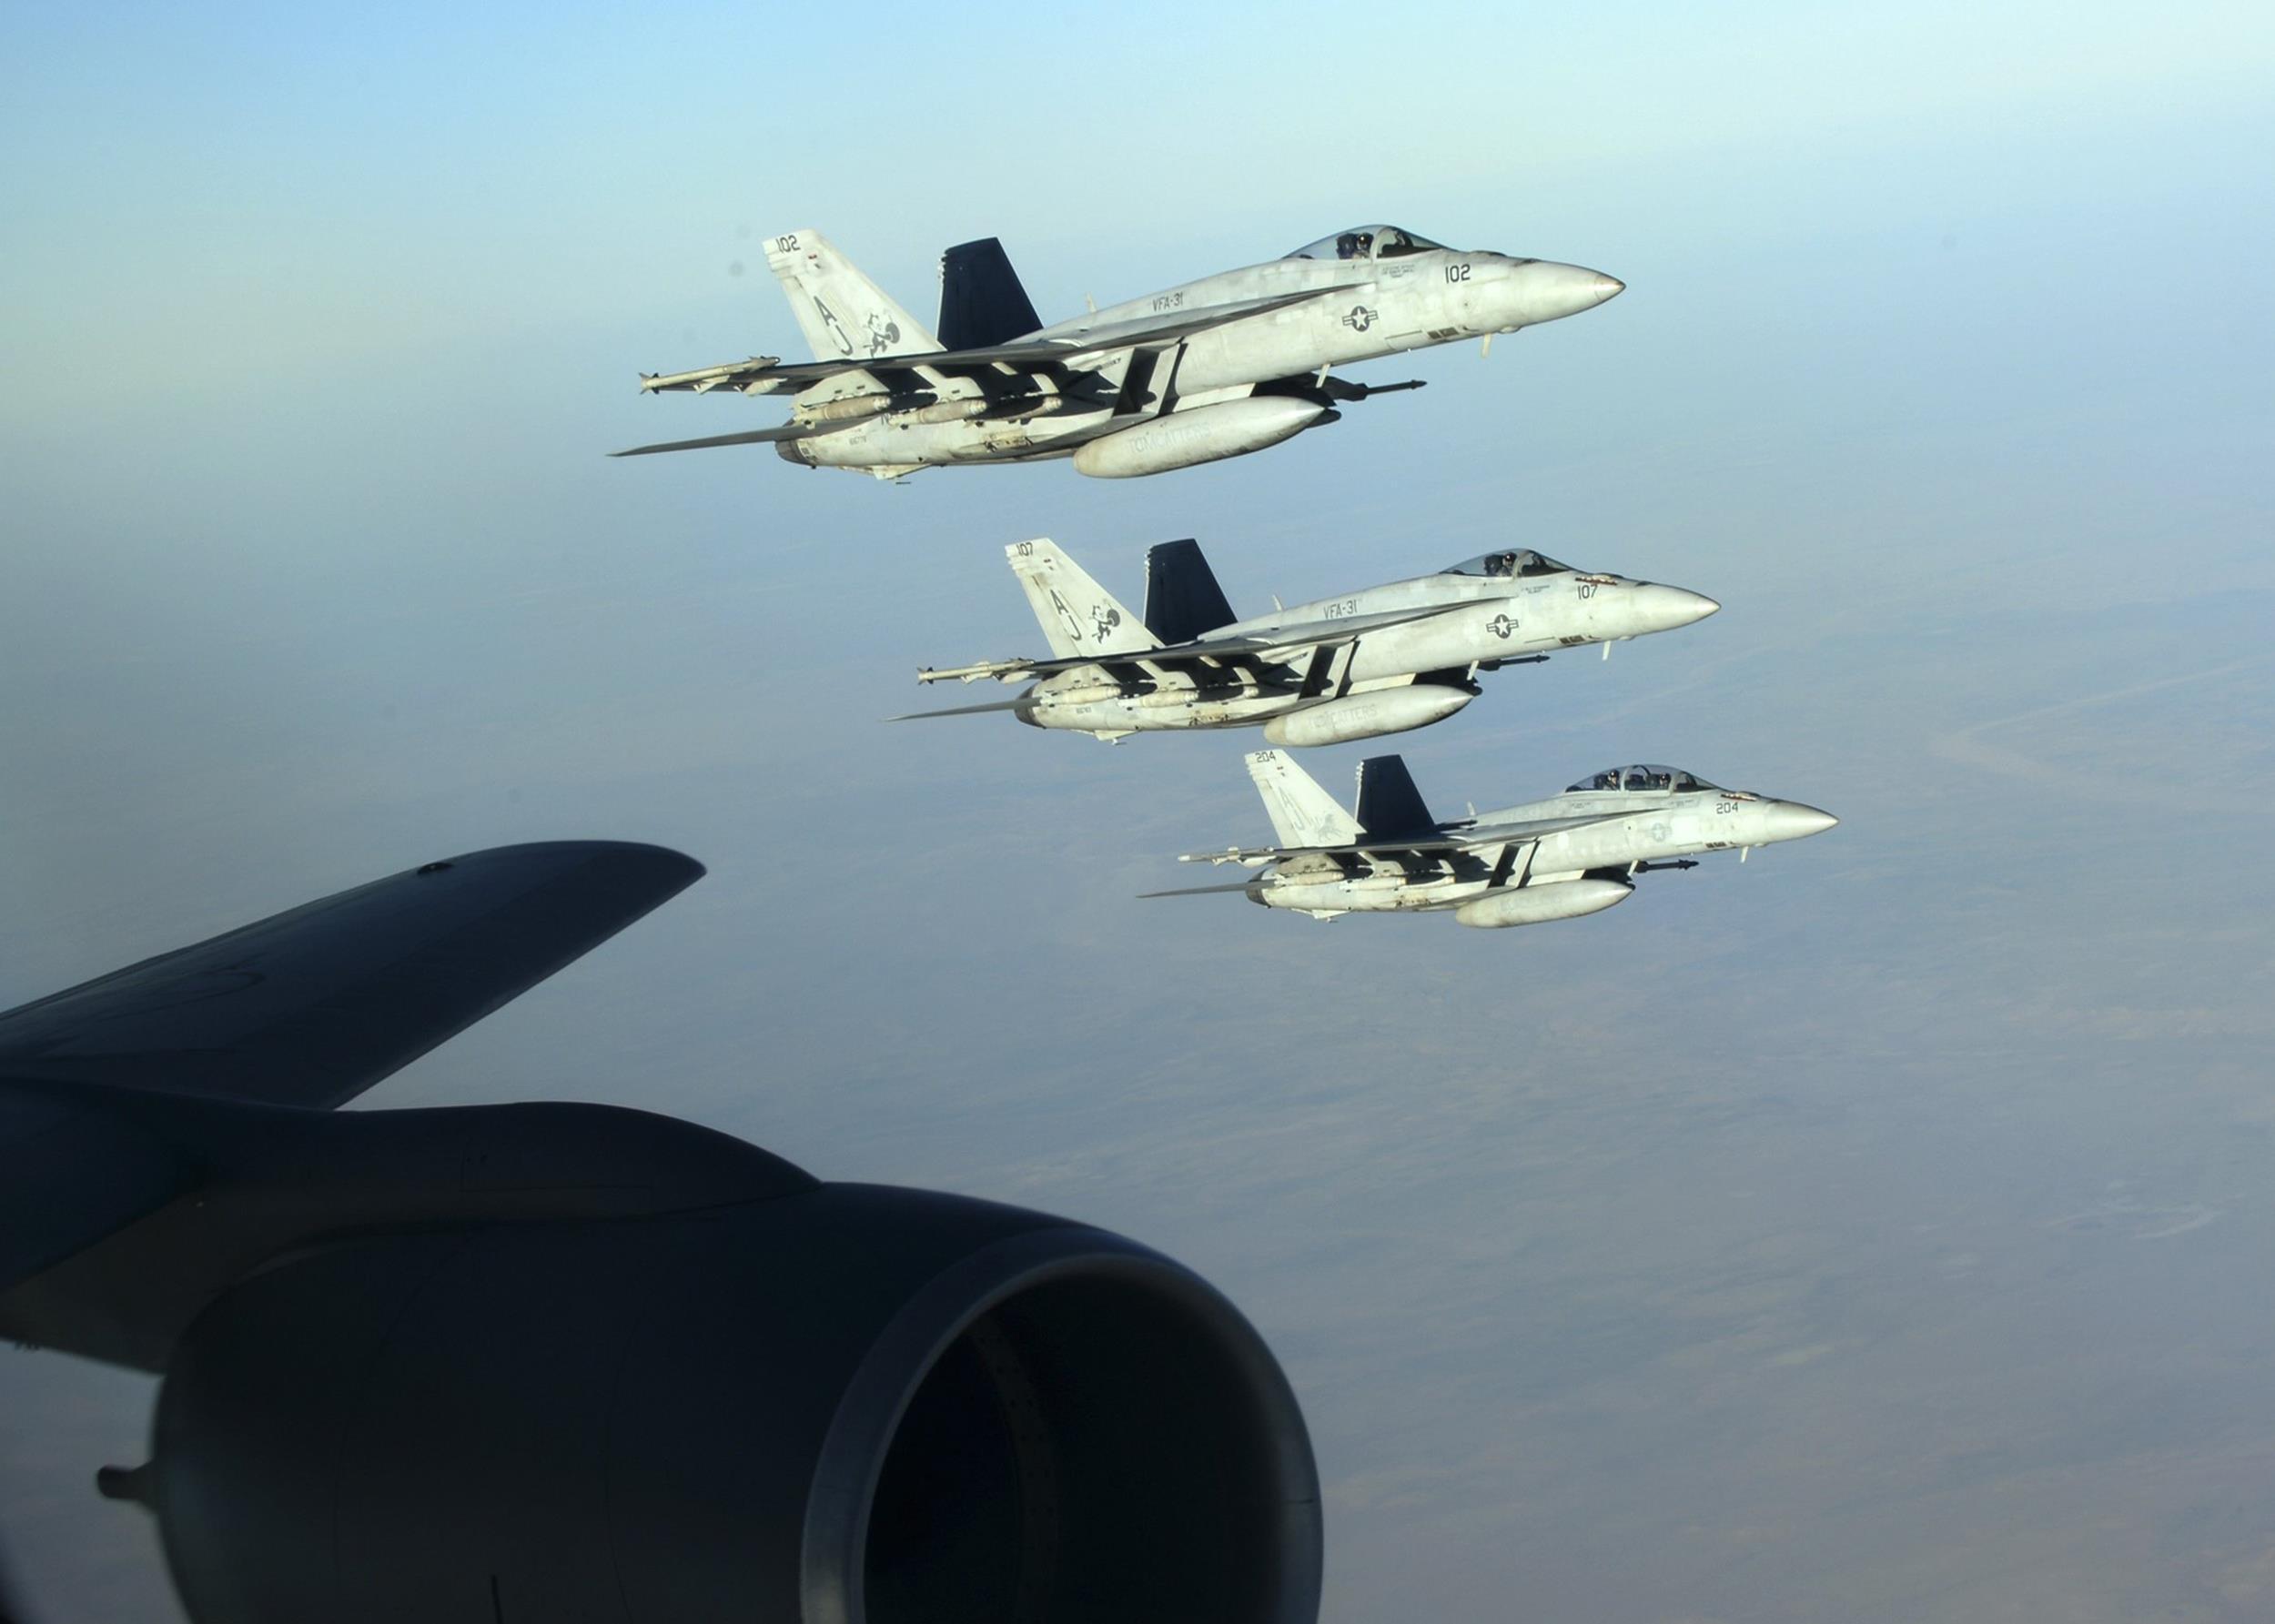 معظم طائرات مشاة البحرية غير جاهزة للمعركة